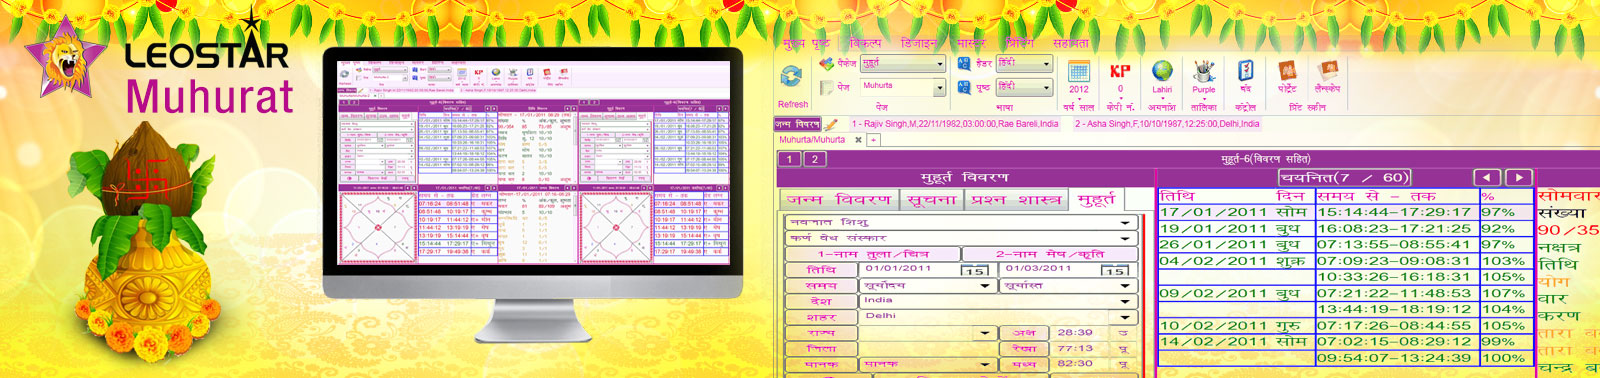 Leostar Muhurat is best software in field of astrology